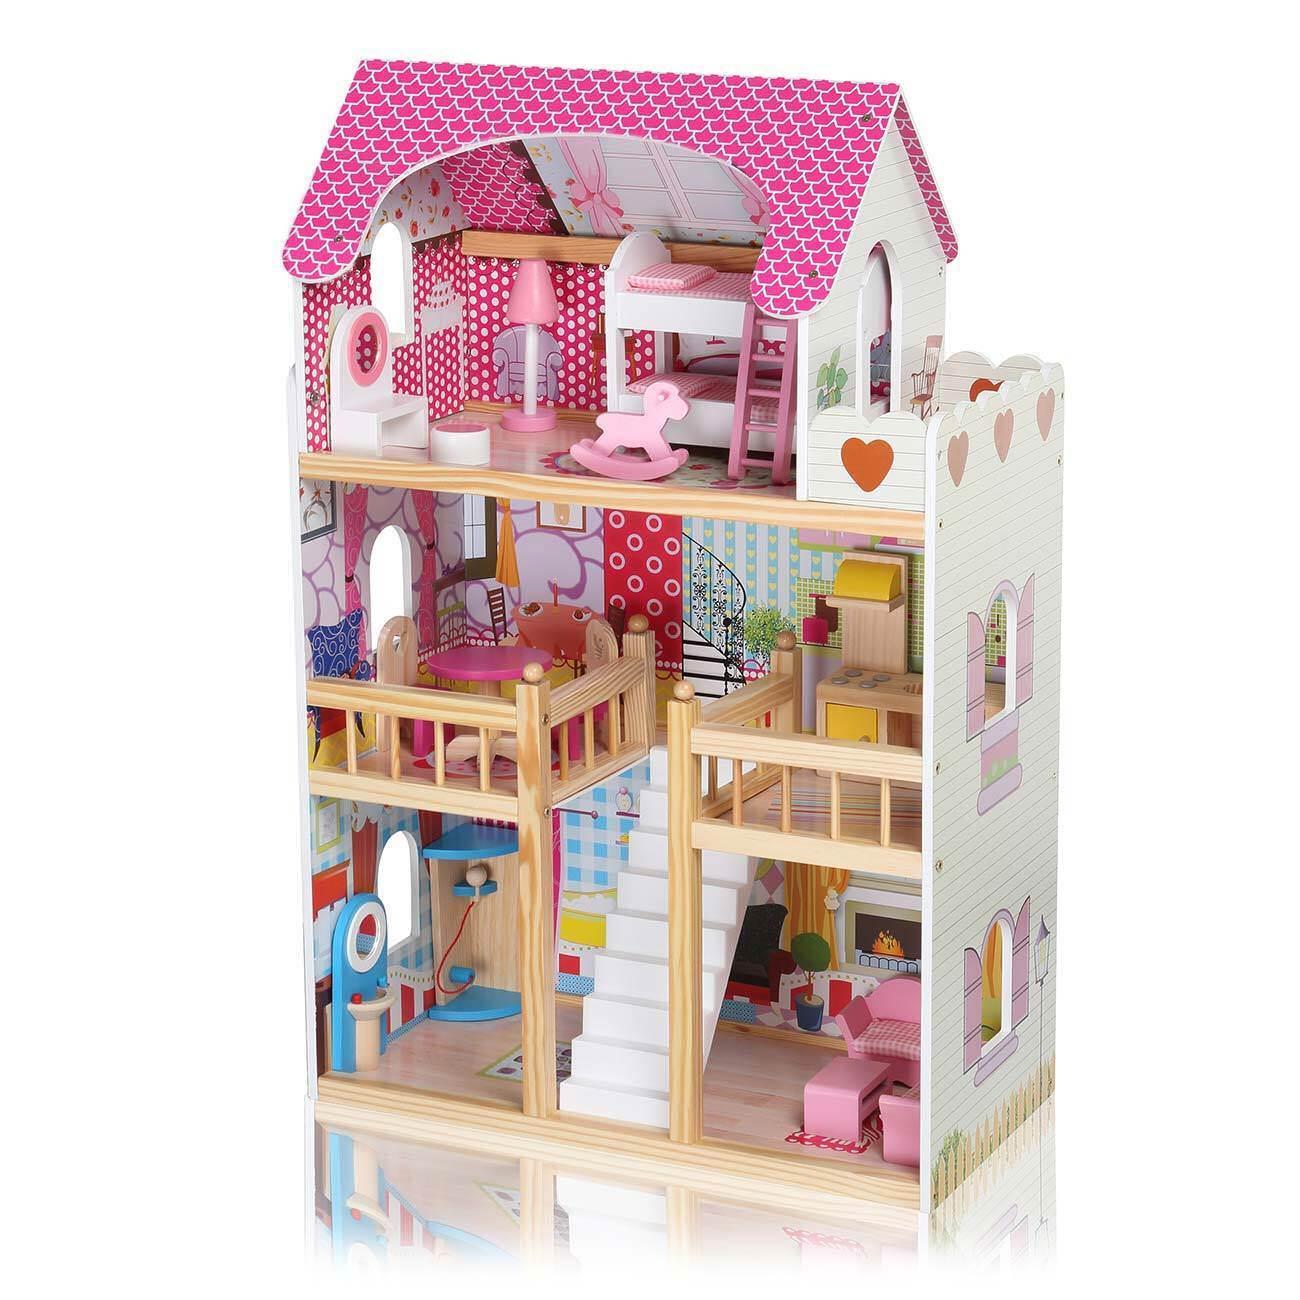 Maison de Poupée Kit Dollhouse Miniature Meubles Chambe En Bois Accessoires DIY